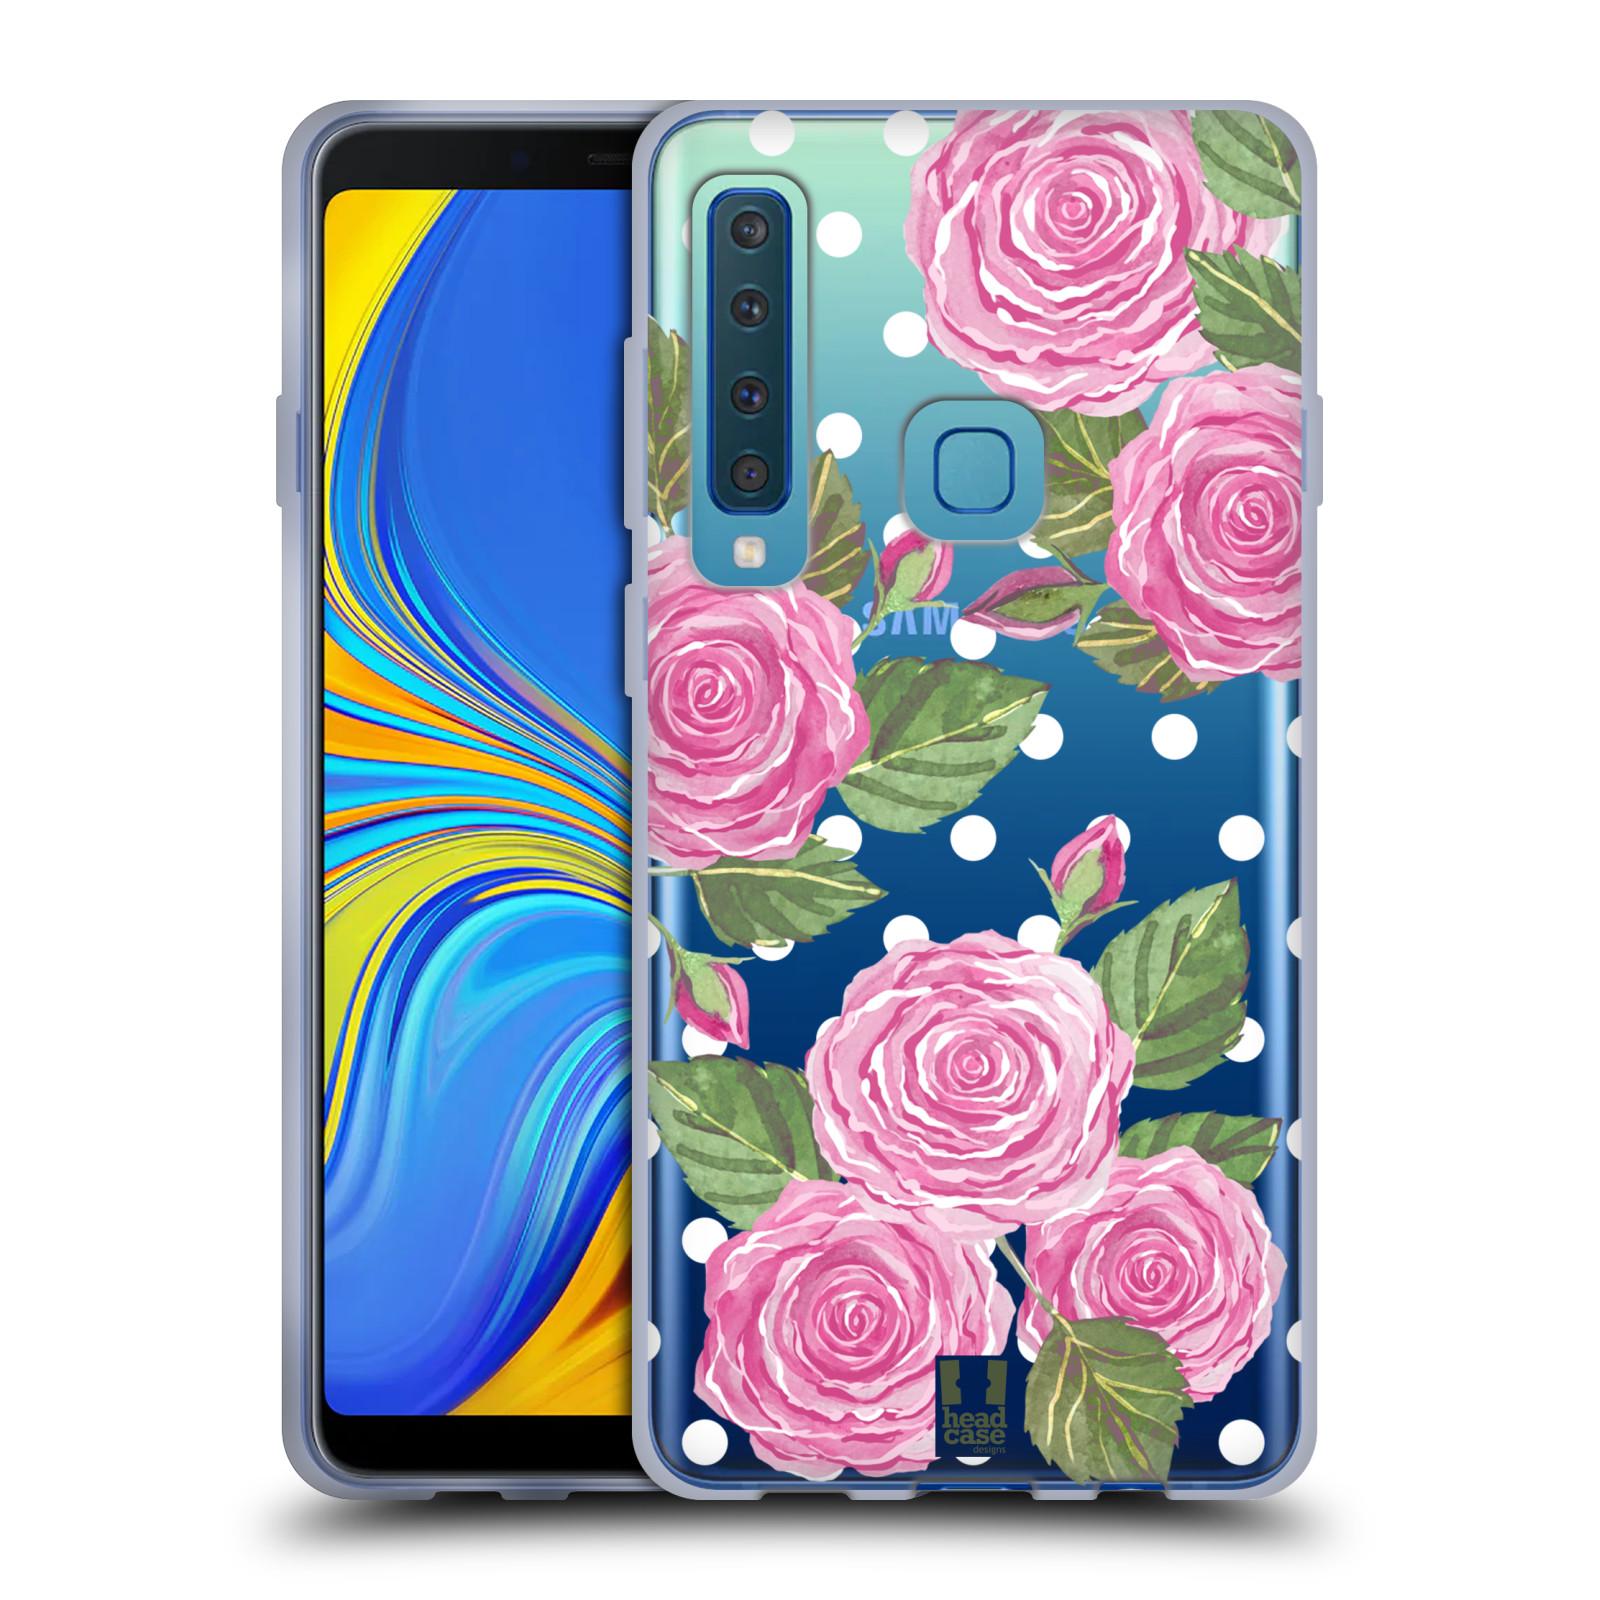 Silikonové pouzdro na mobil Samsung Galaxy A9 (2018) - Head Case - Hezoučké růžičky - průhledné